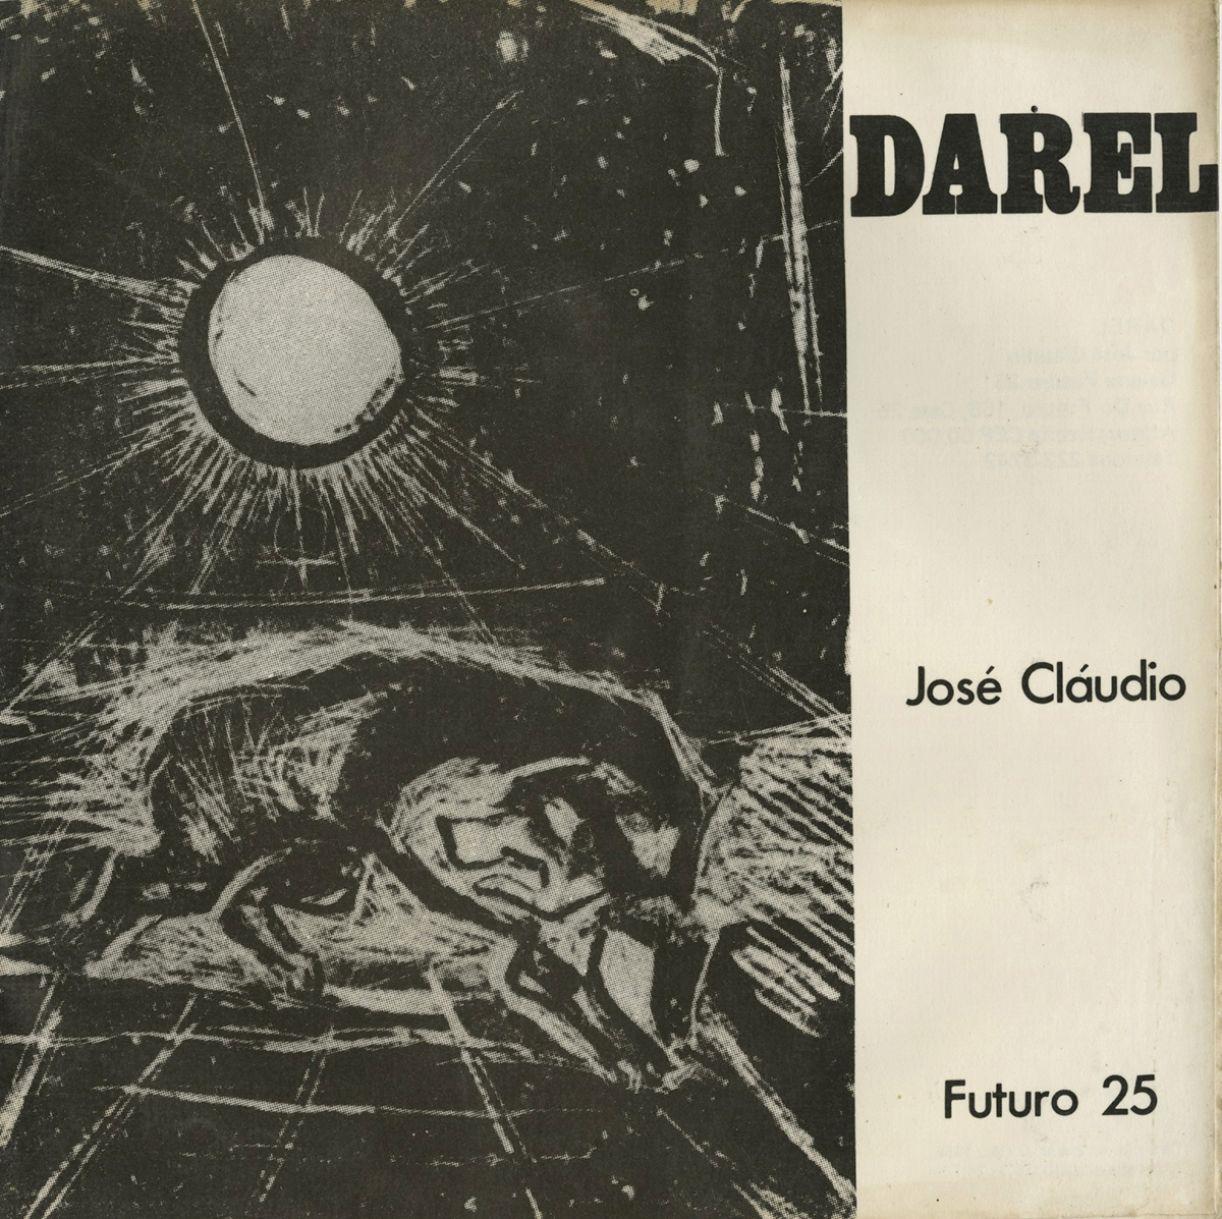 Capa do catálogo da exposição de Darel Valença na galeria Futuro 25